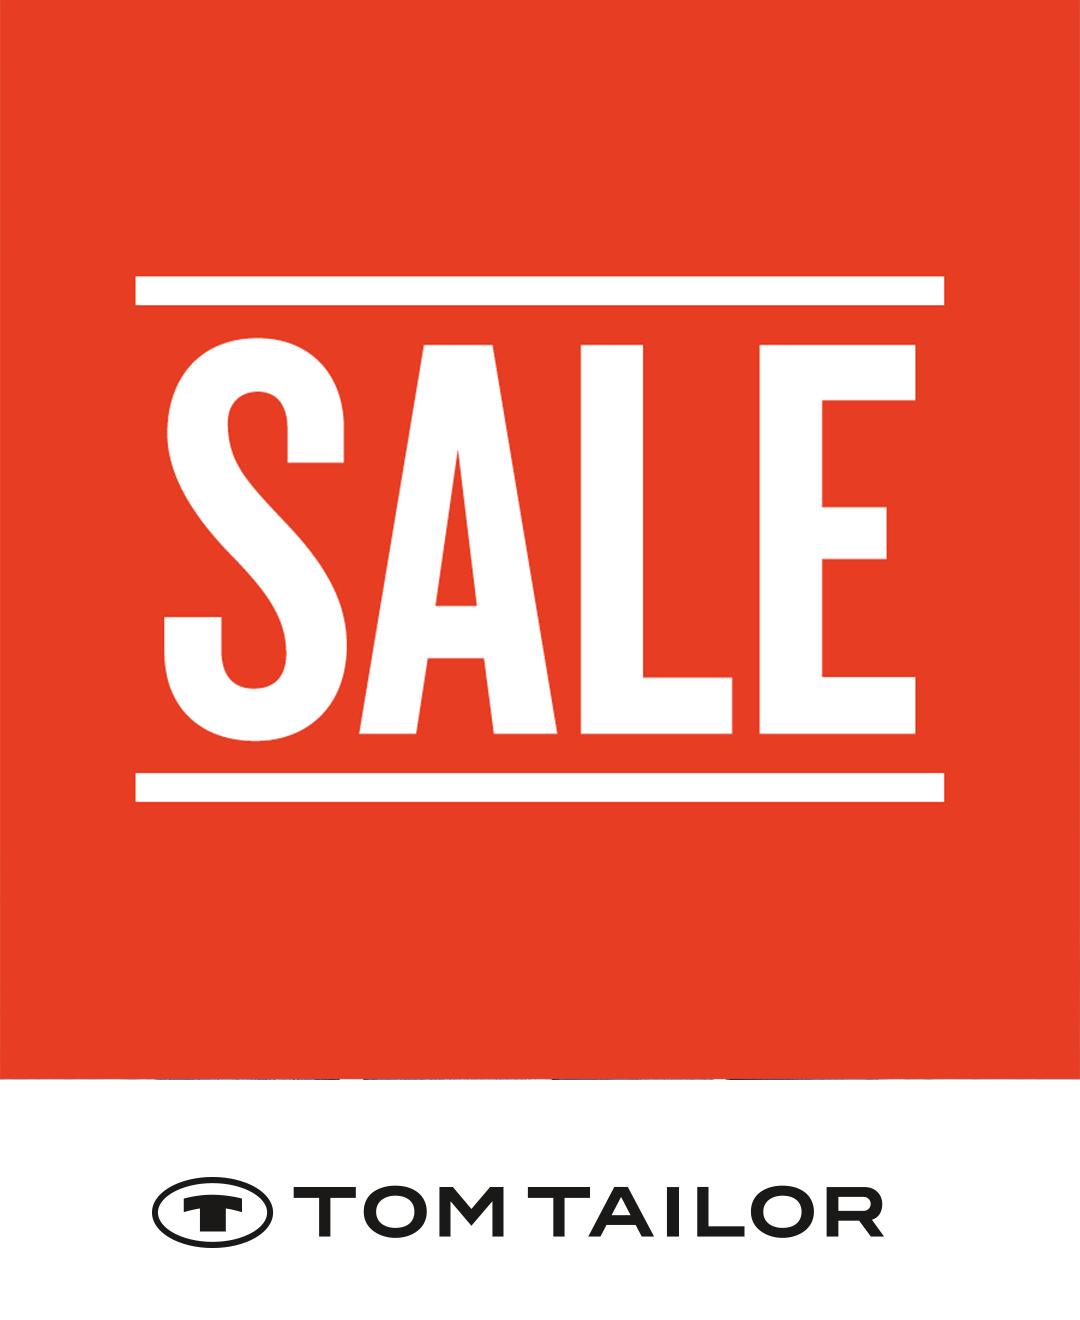 Tom Tailor Outlet Angebot